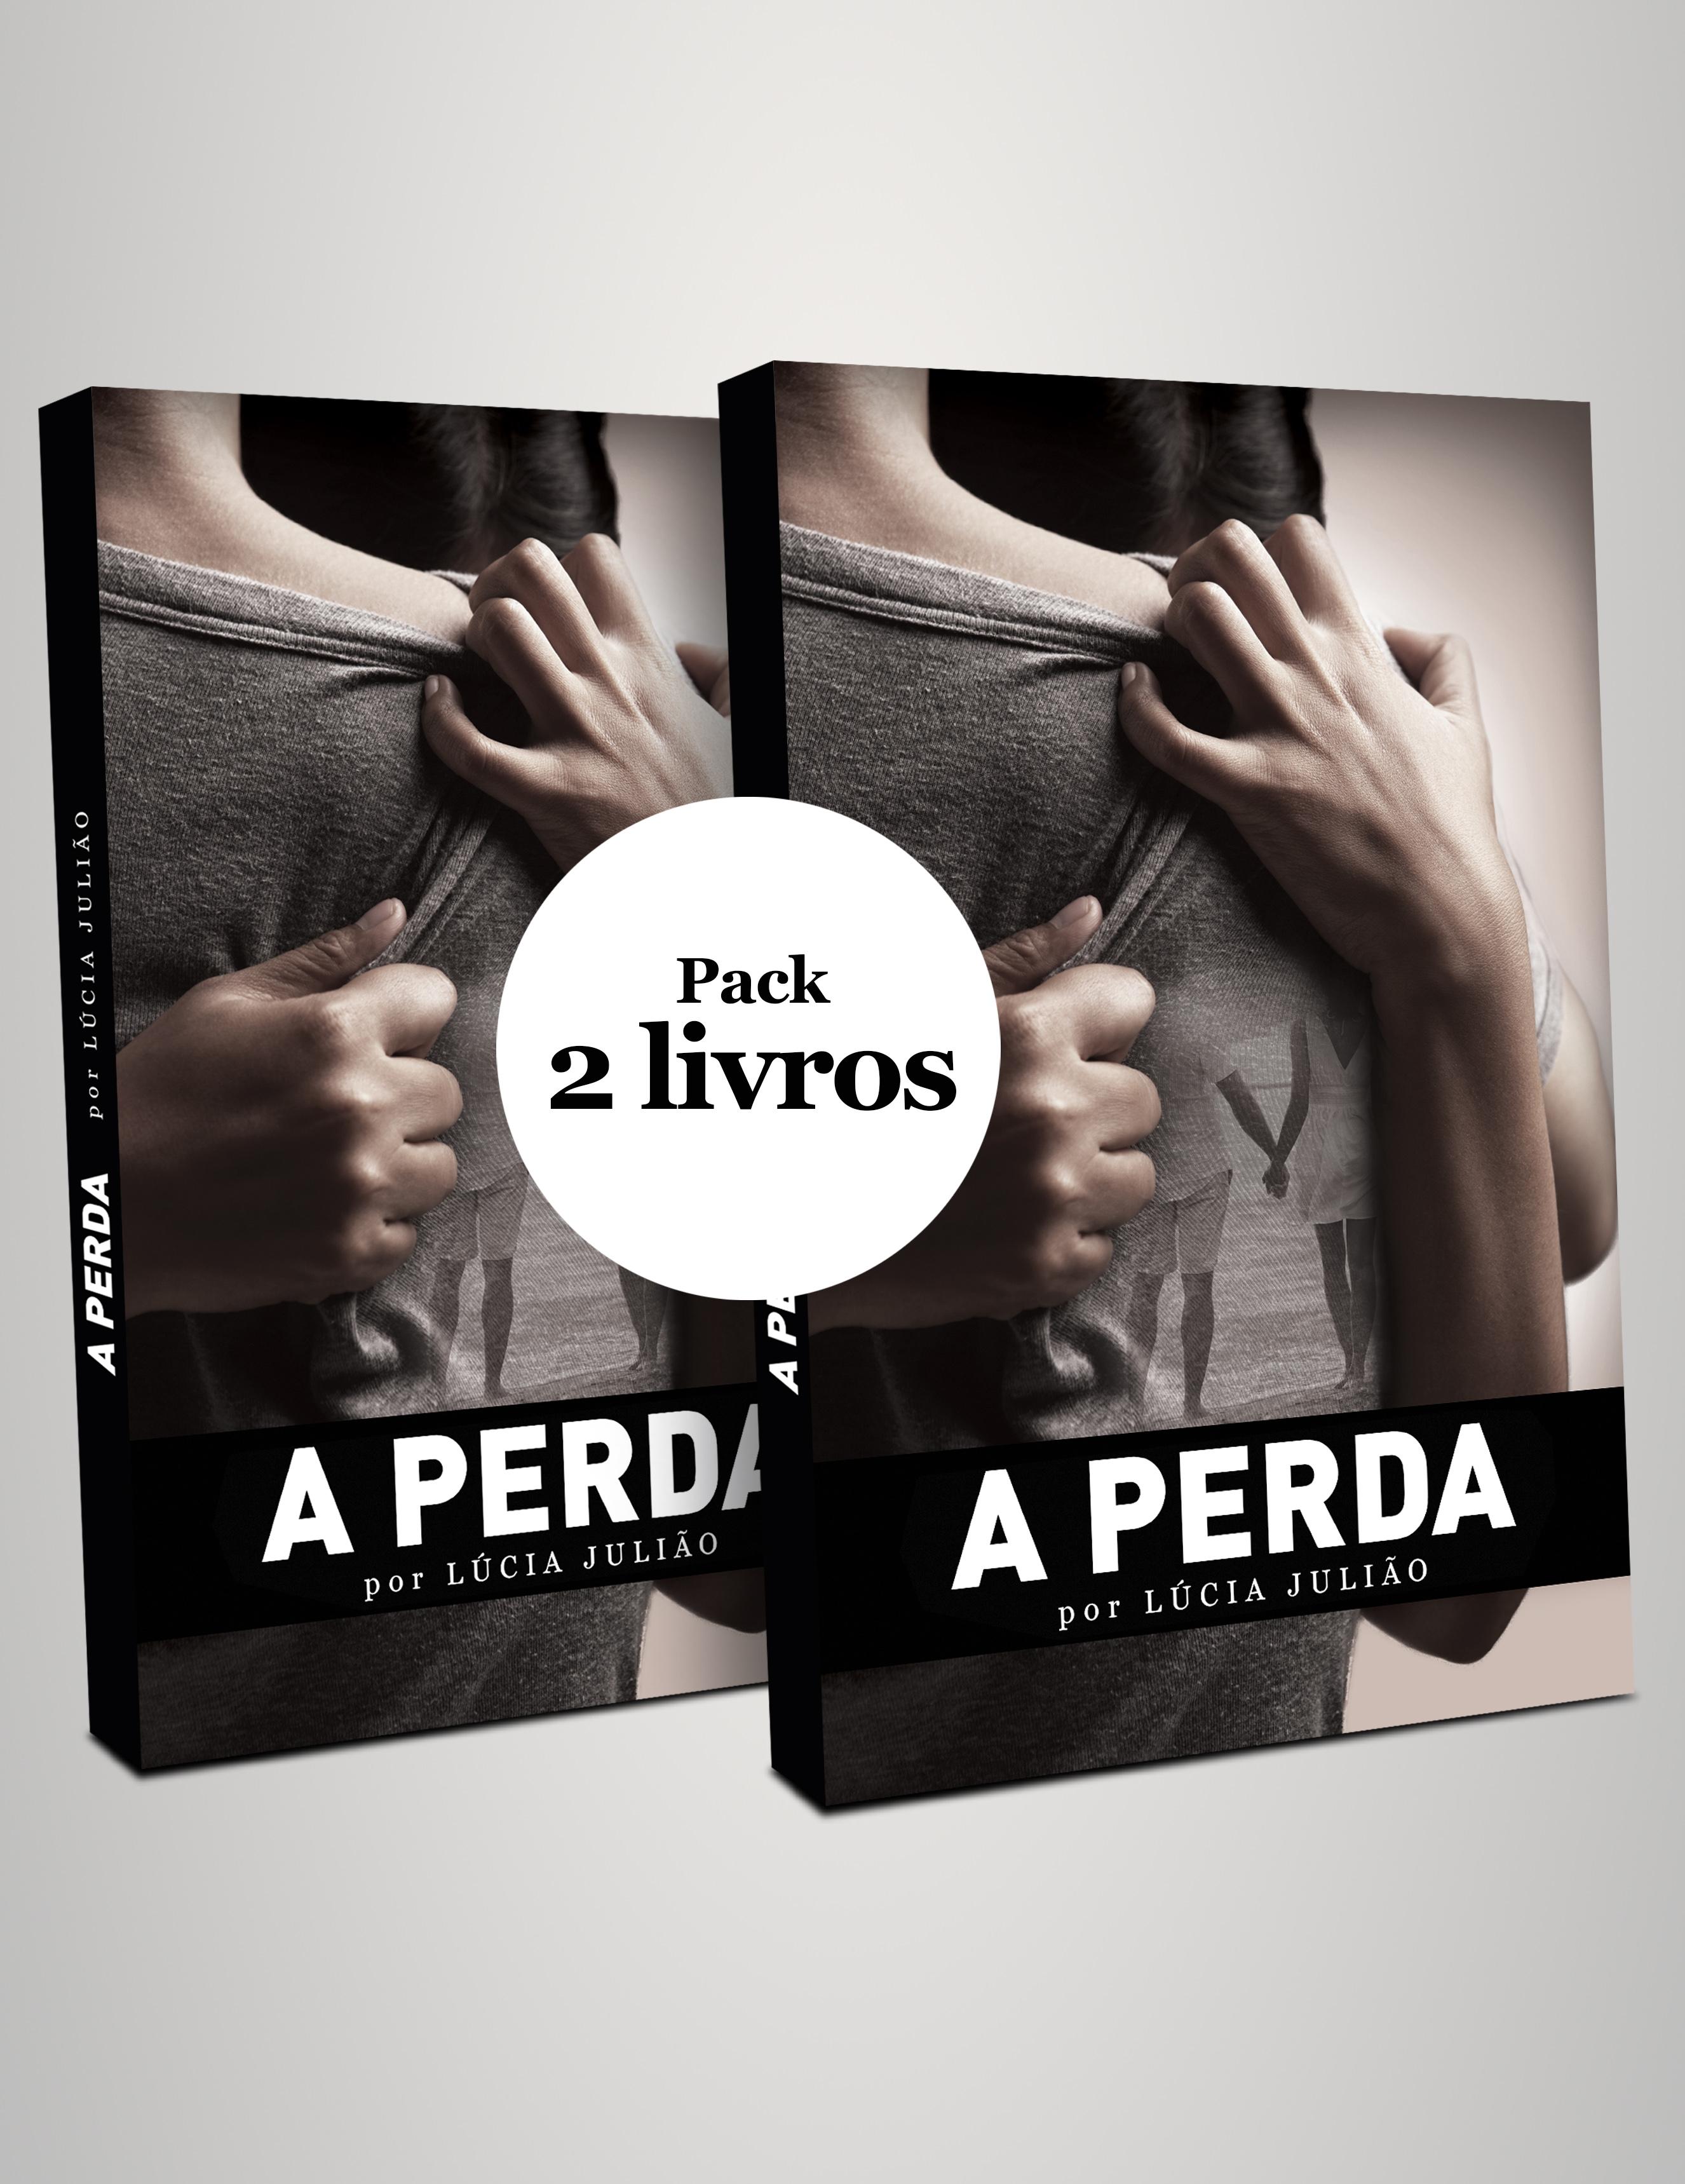 2-livros-A-Perda-Lucia-Juliao_vrt